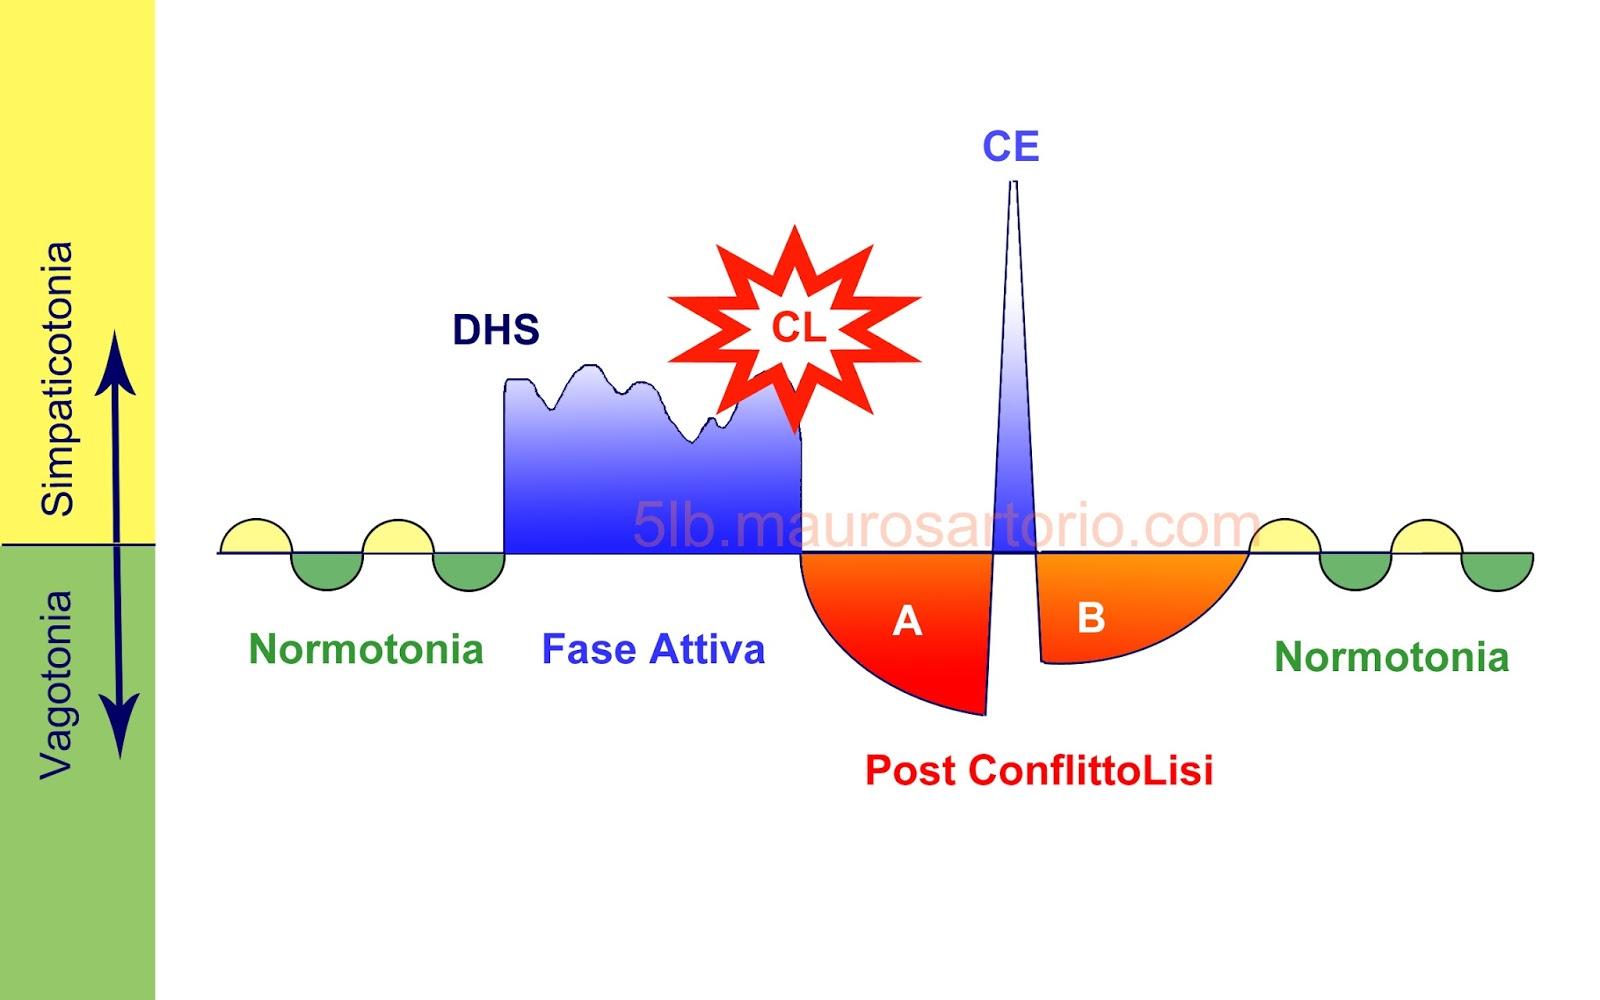 Metodo di verifica delle 5 Leggi Biologiche del dott. Hamer